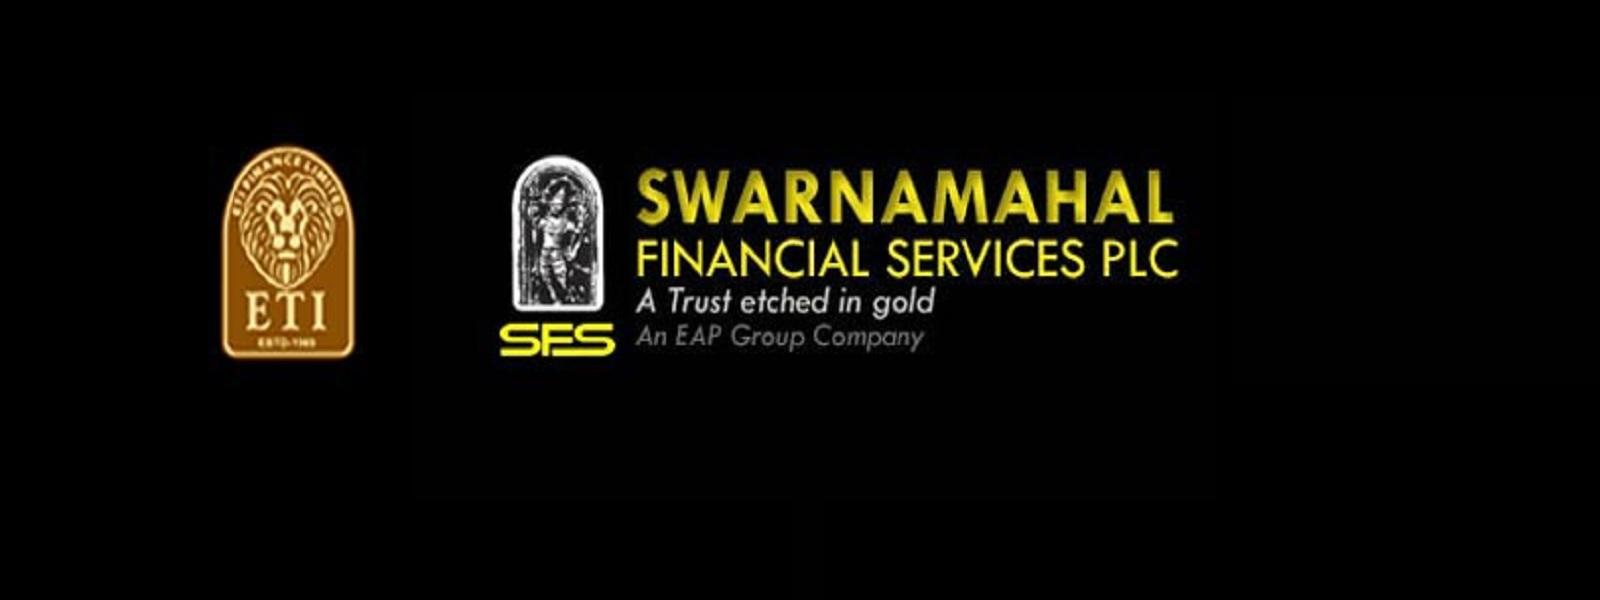 Swarnamahal Financial Services PLC இன் வர்த்தக நடவடிக்கைகள் இடைநிறுத்தம்